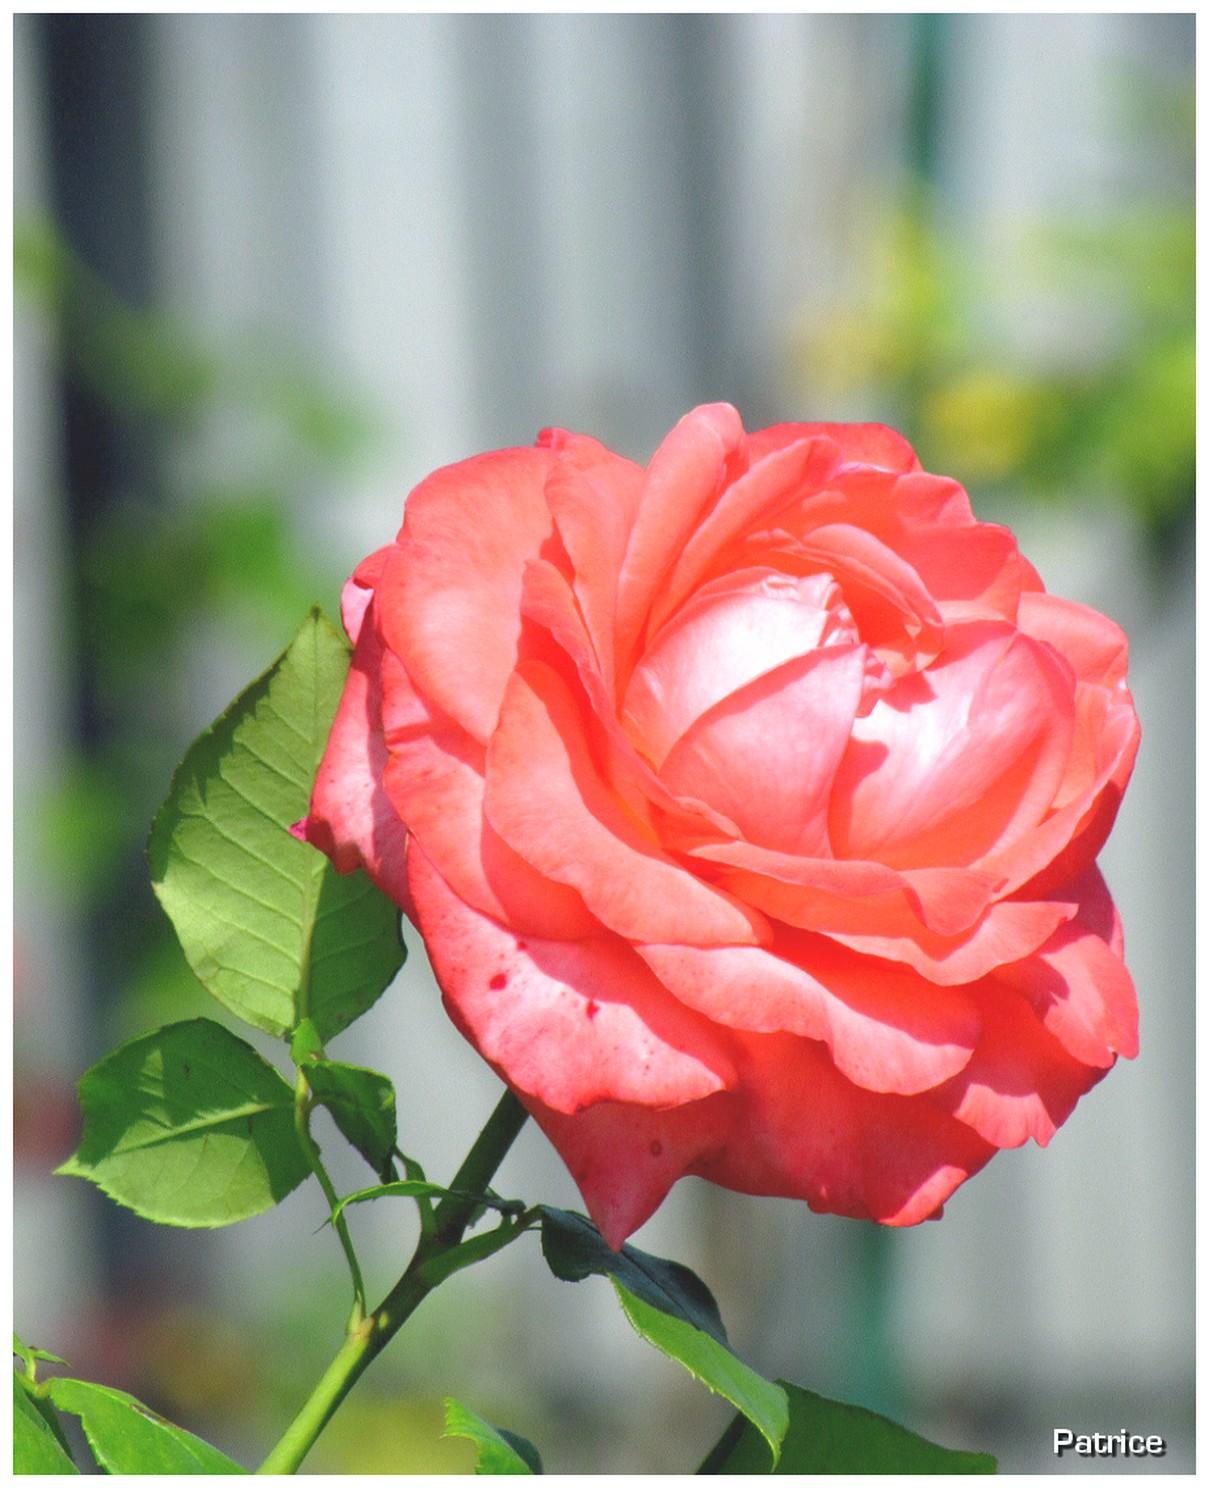 Blog Photos de Patrice: Roses et fleurs divers du jardin ...